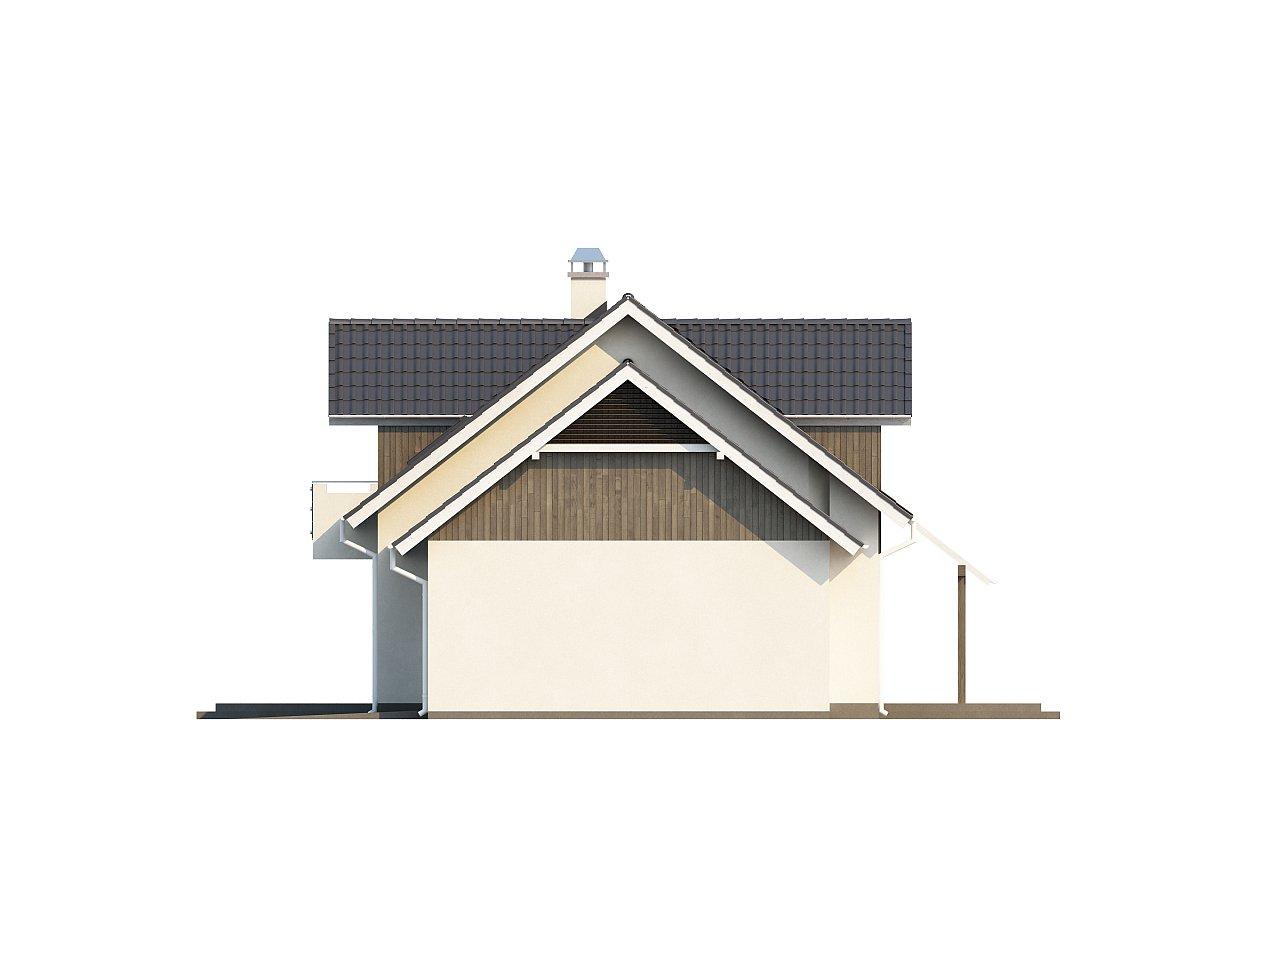 Просторный функциональный дом с гаражом, красивыми мансардными окнами и дополнительной спальней на первом этаже. - фото 6